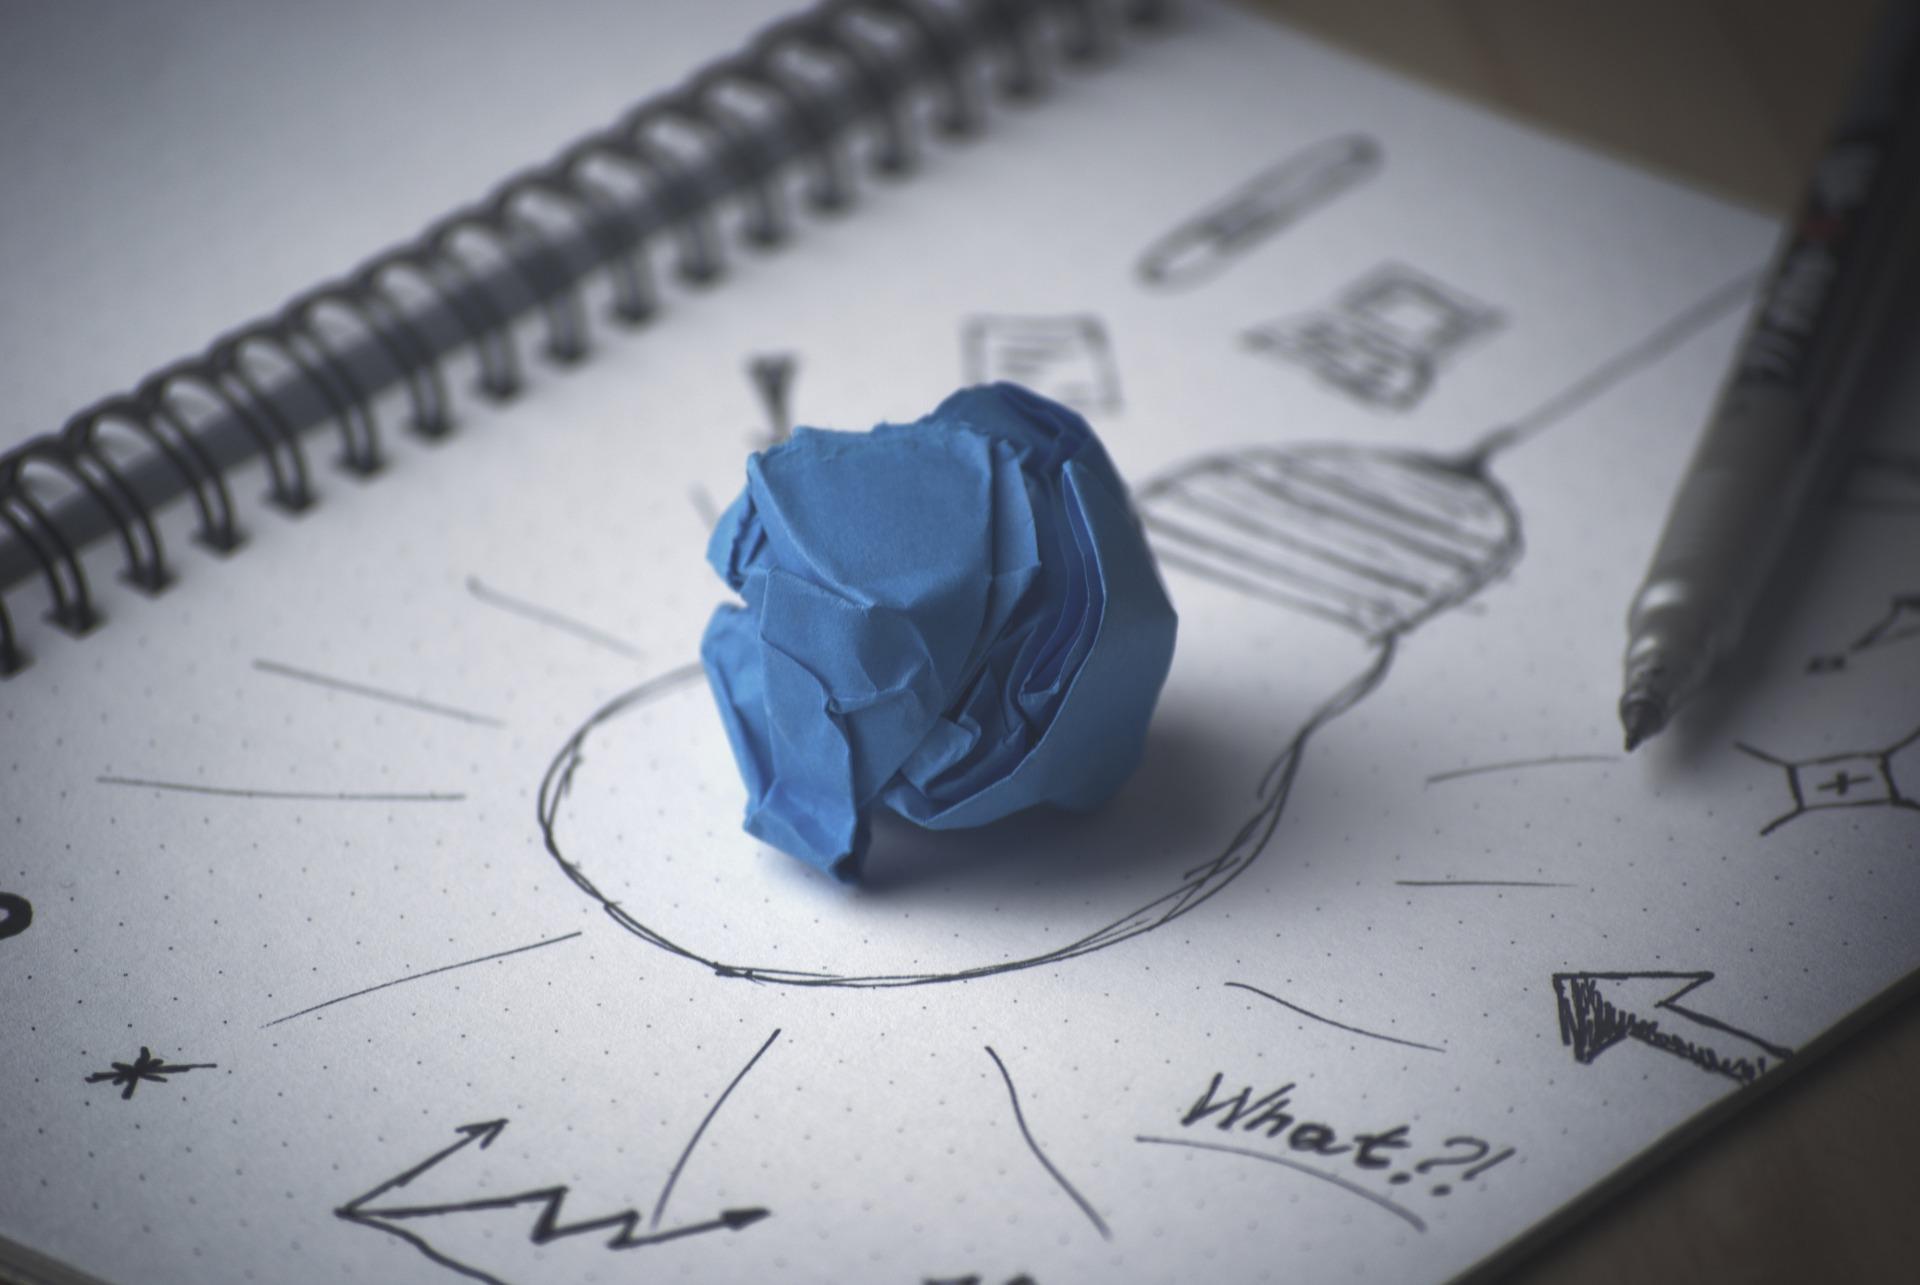 Kokius inovatyvius verslus kuria jaunuoliai – įsitikinsime netrukus